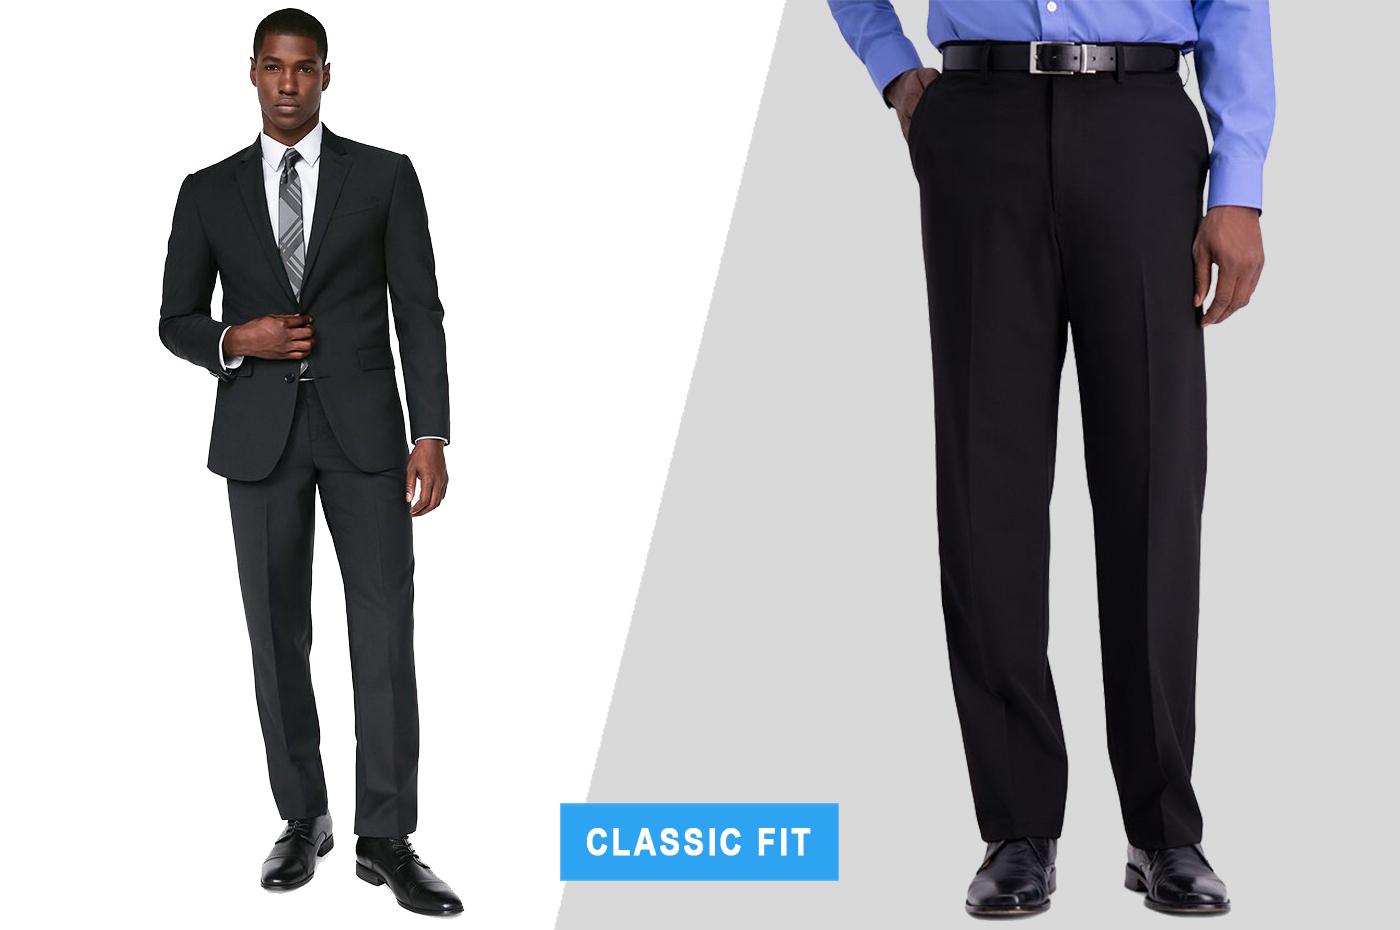 classic fit dress pants with suit